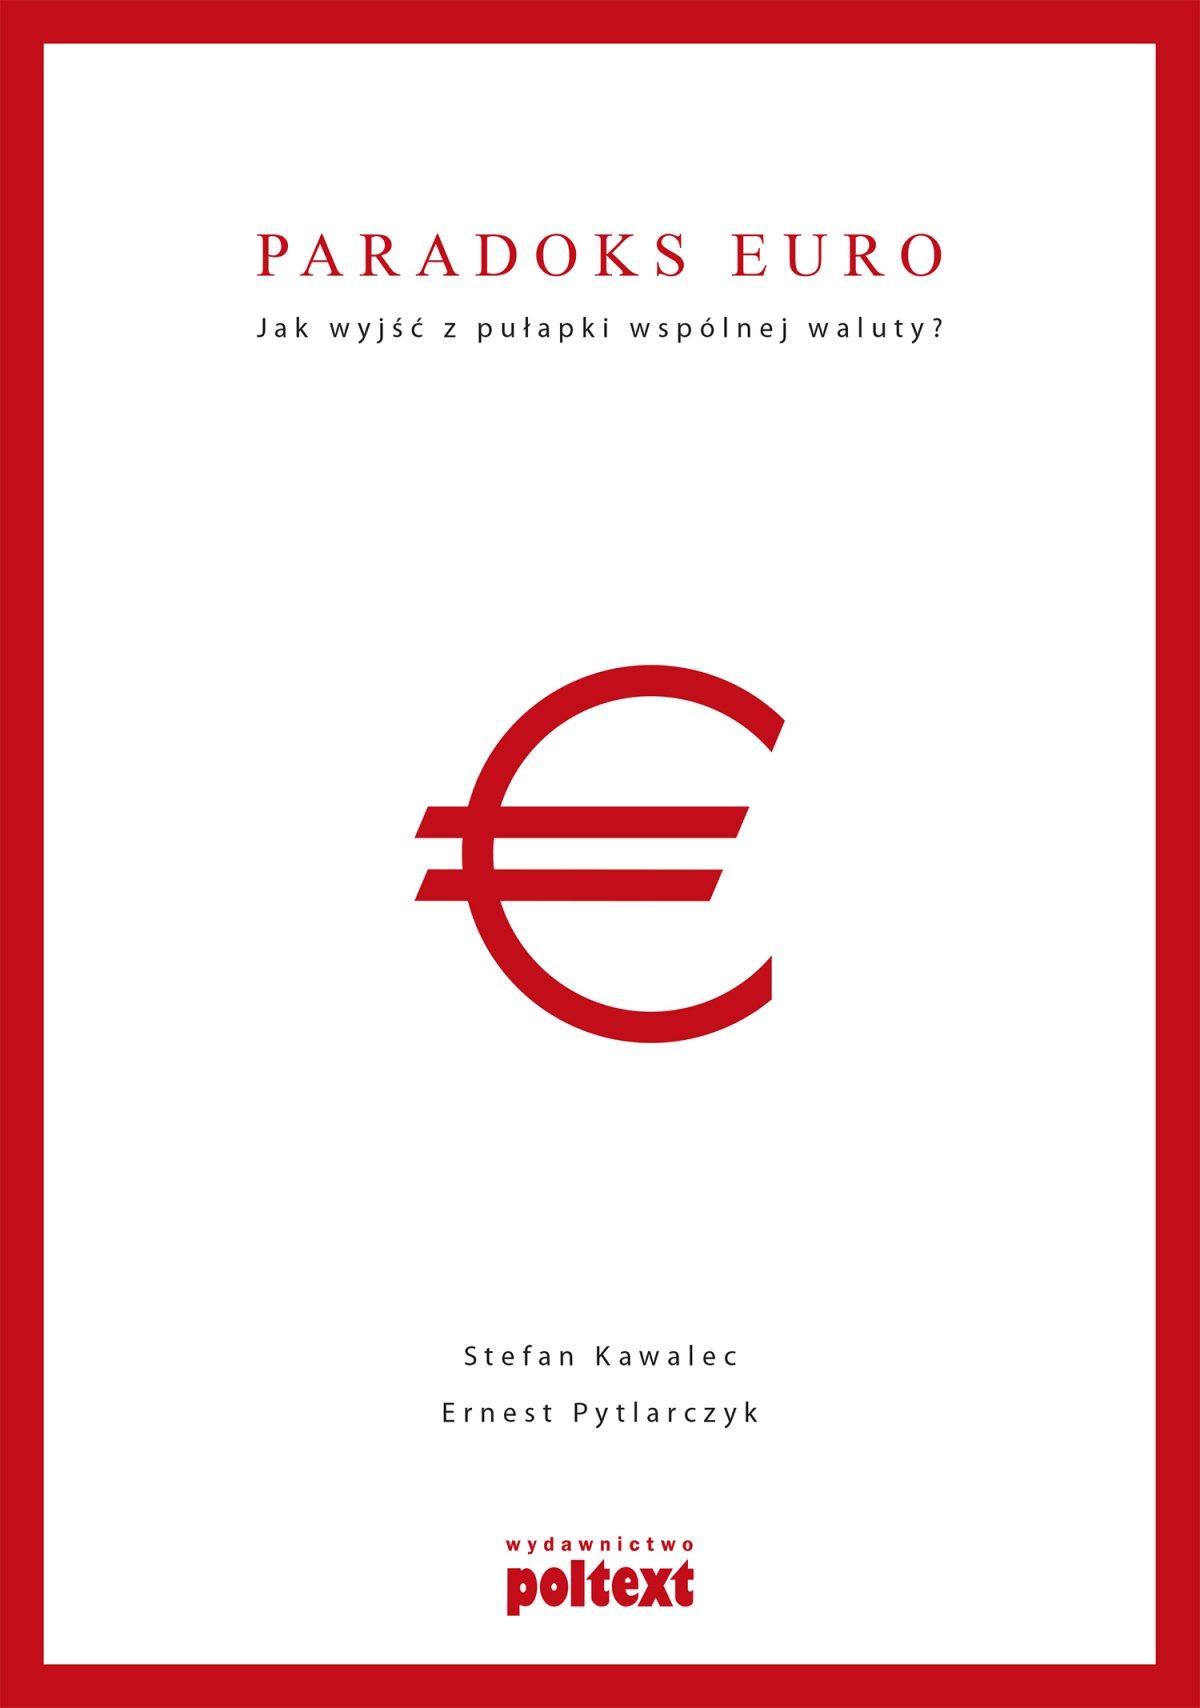 Paradoks euro Jak wyjść z pułapki wspólnej waluty? - Ebook (Książka EPUB) do pobrania w formacie EPUB